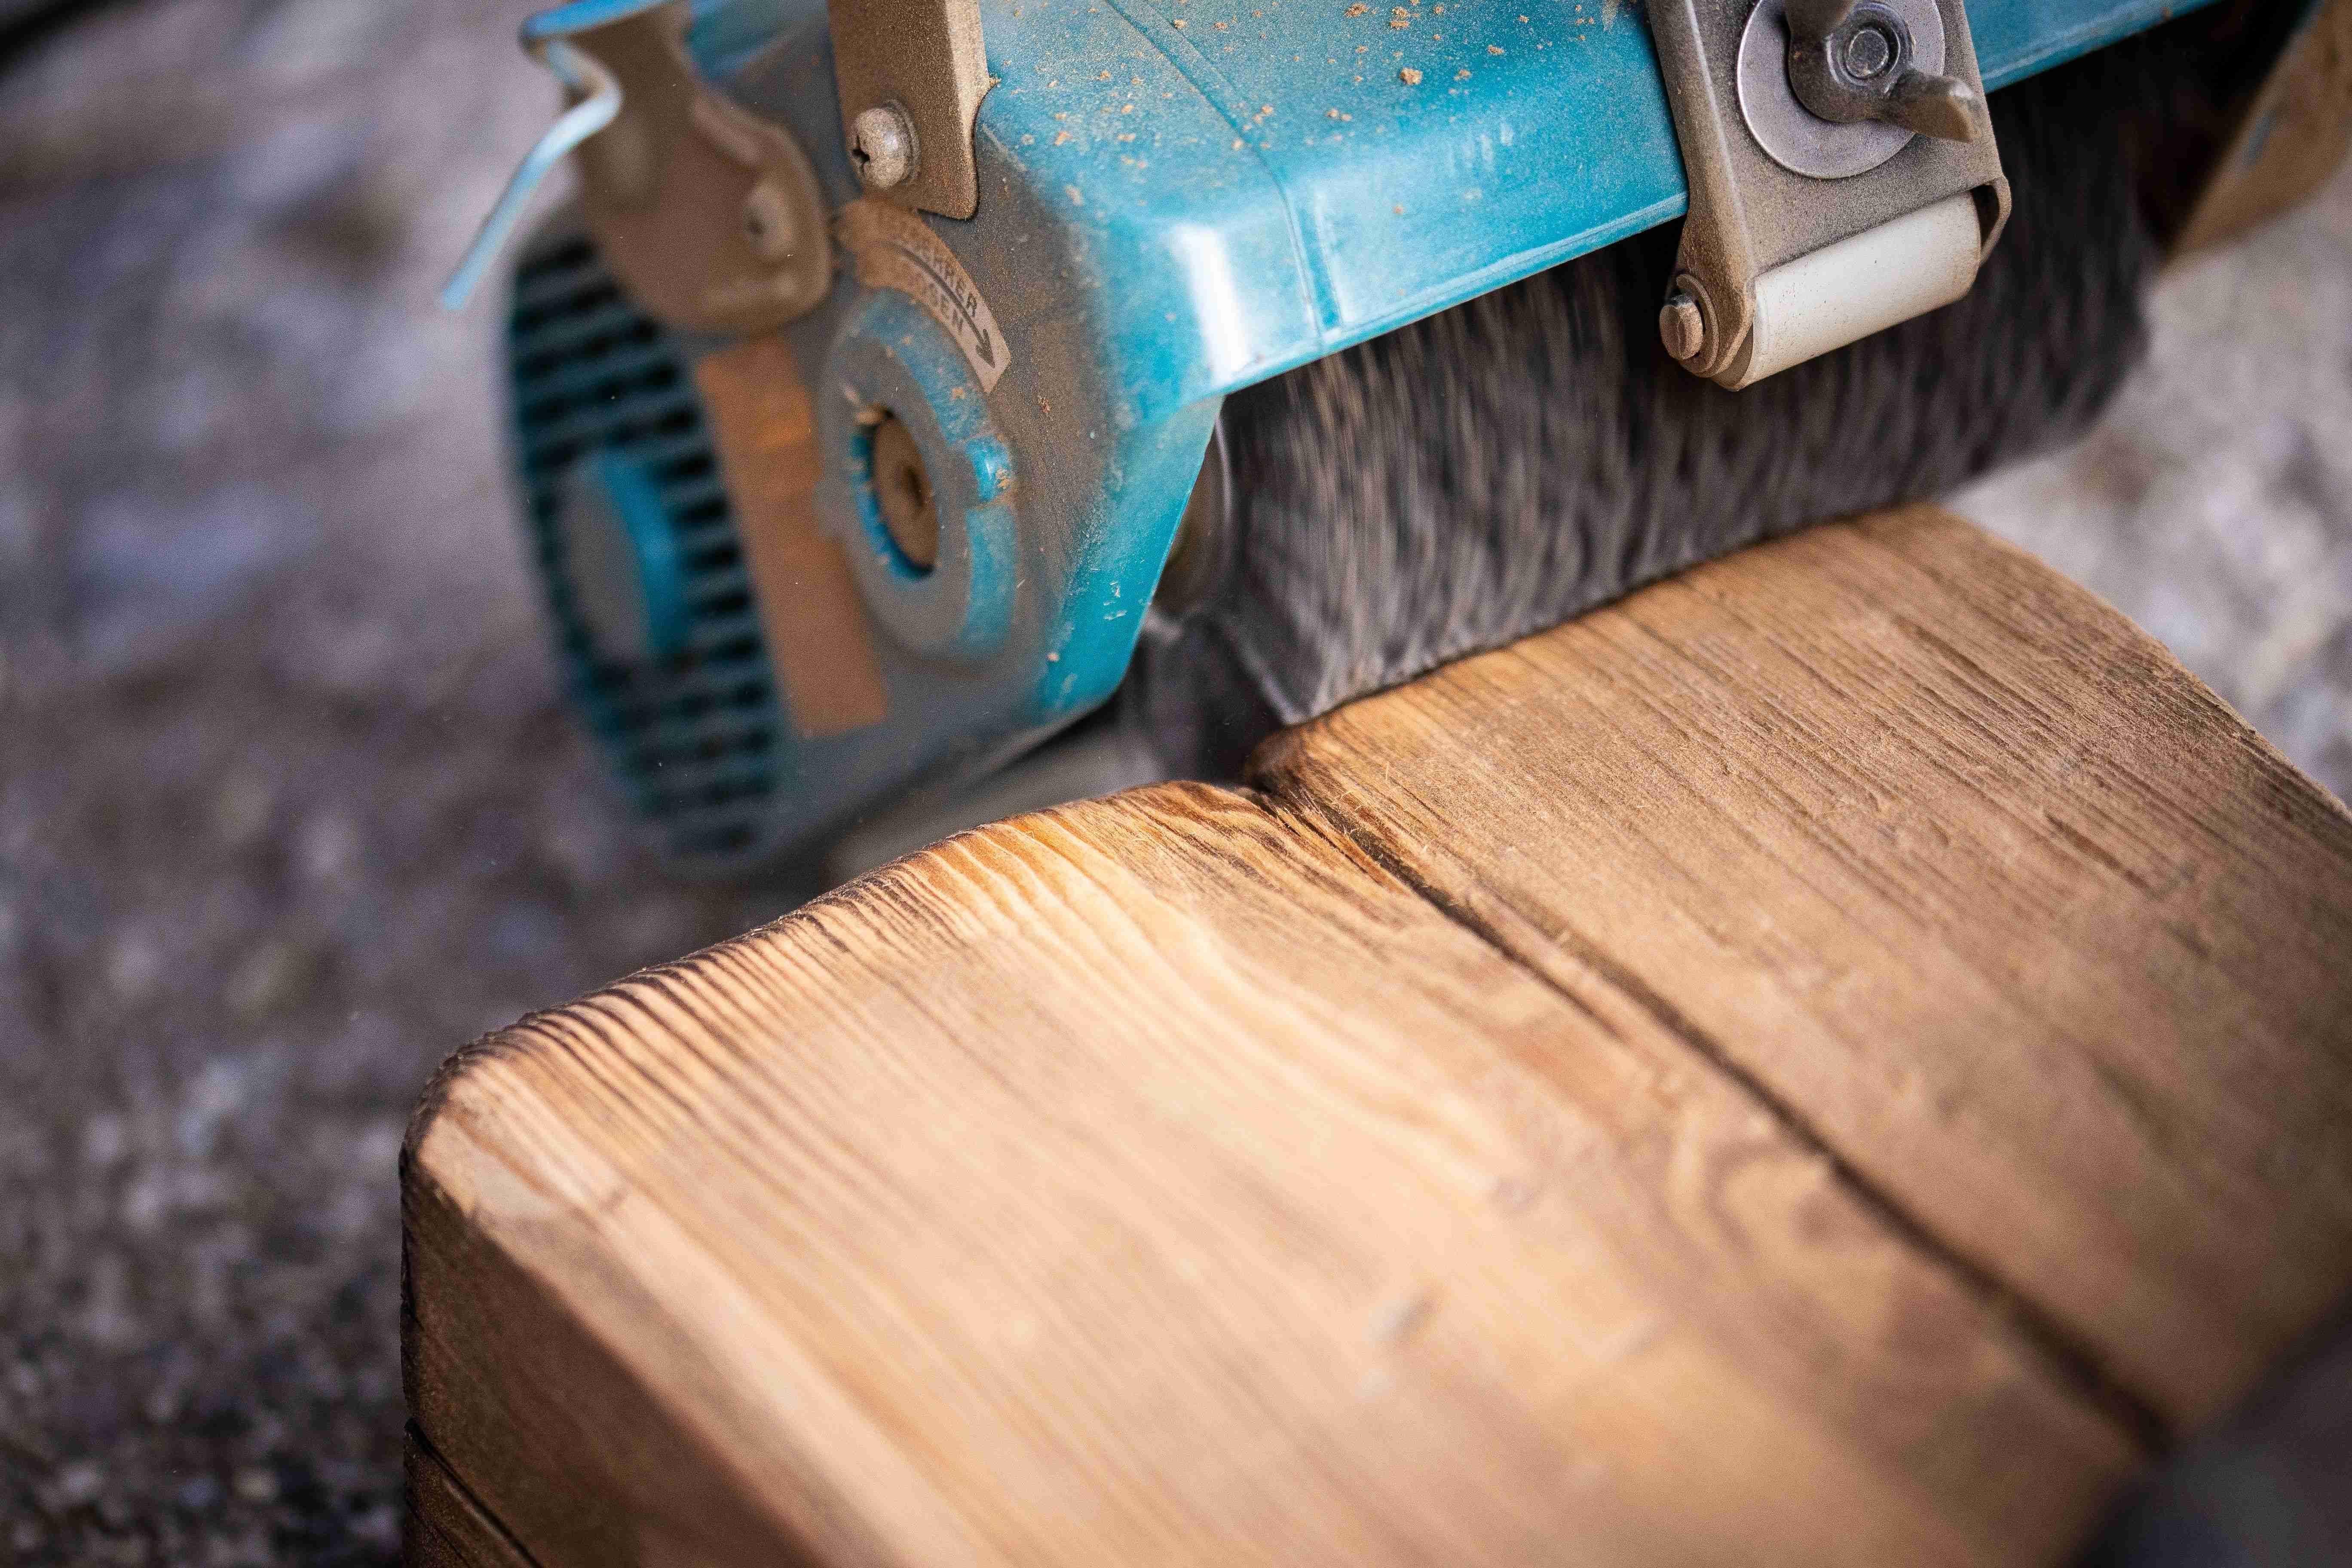 Come scegliere una rusticatrice a rullo?